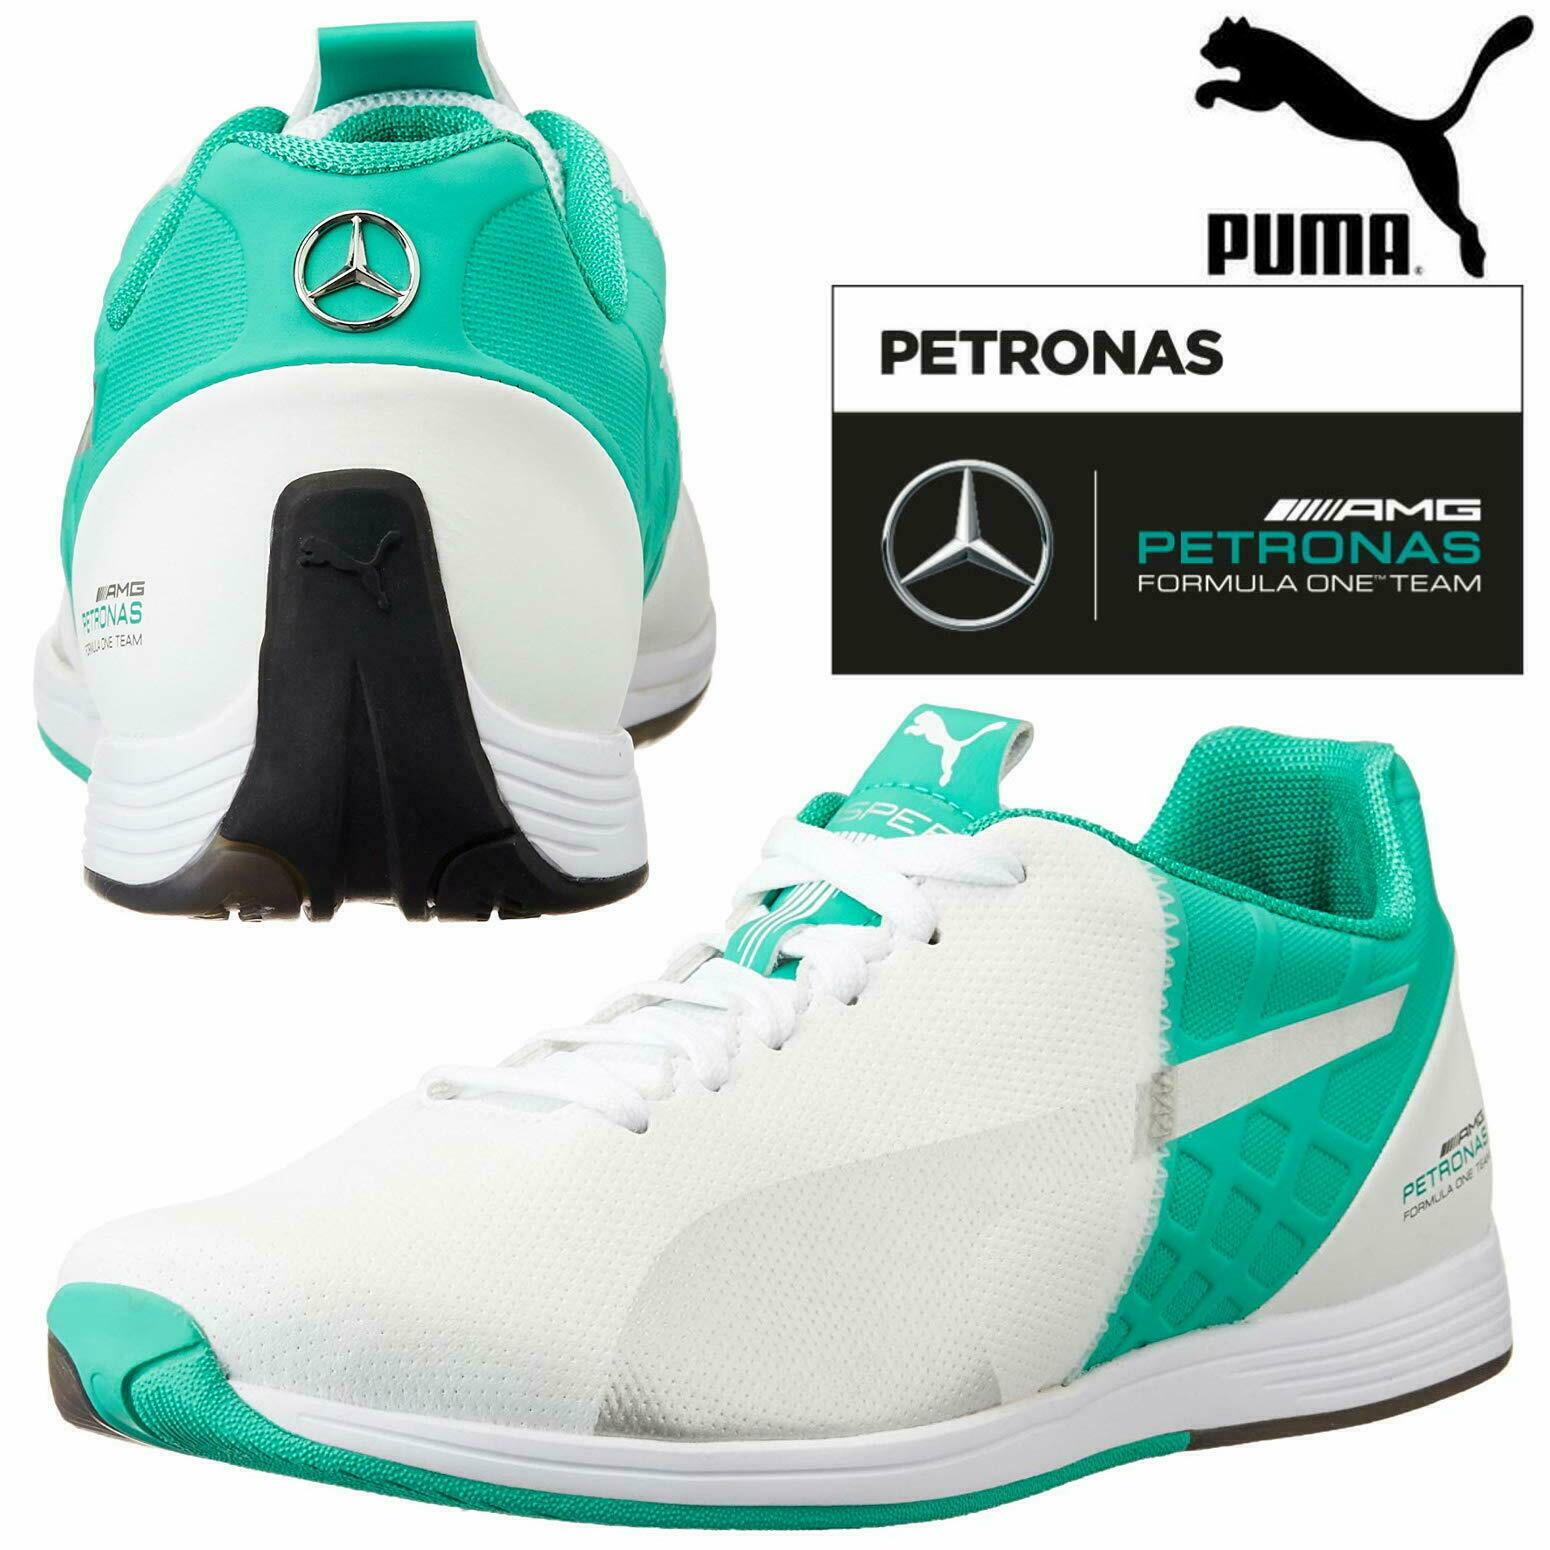 Testangebote Benz Mercedes Vergleich Schuhe Vergleich Schuhe Mercedes WHED29I